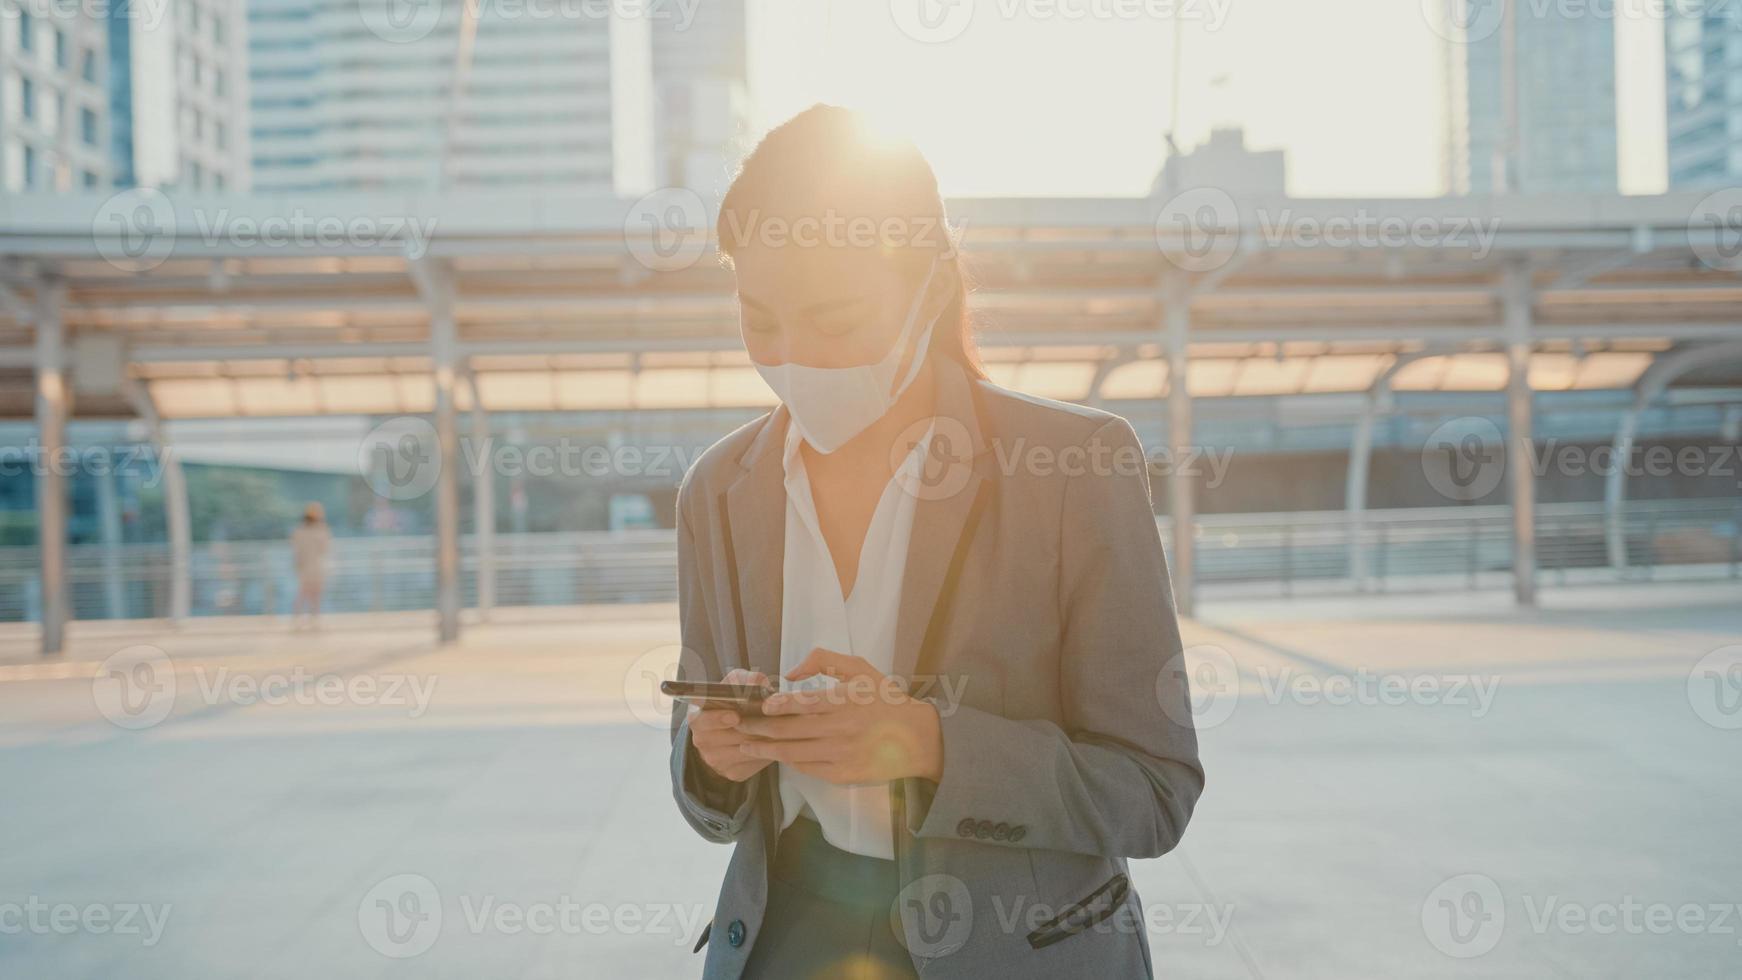 ung asiatisk affärskvinna i mode kontorkläder bär medicinsk ansiktsmask med telefon medan hon går ensam utomhus i stad. företag på gång, social distansering för att förhindra spridning av covid-19-konceptet. foto